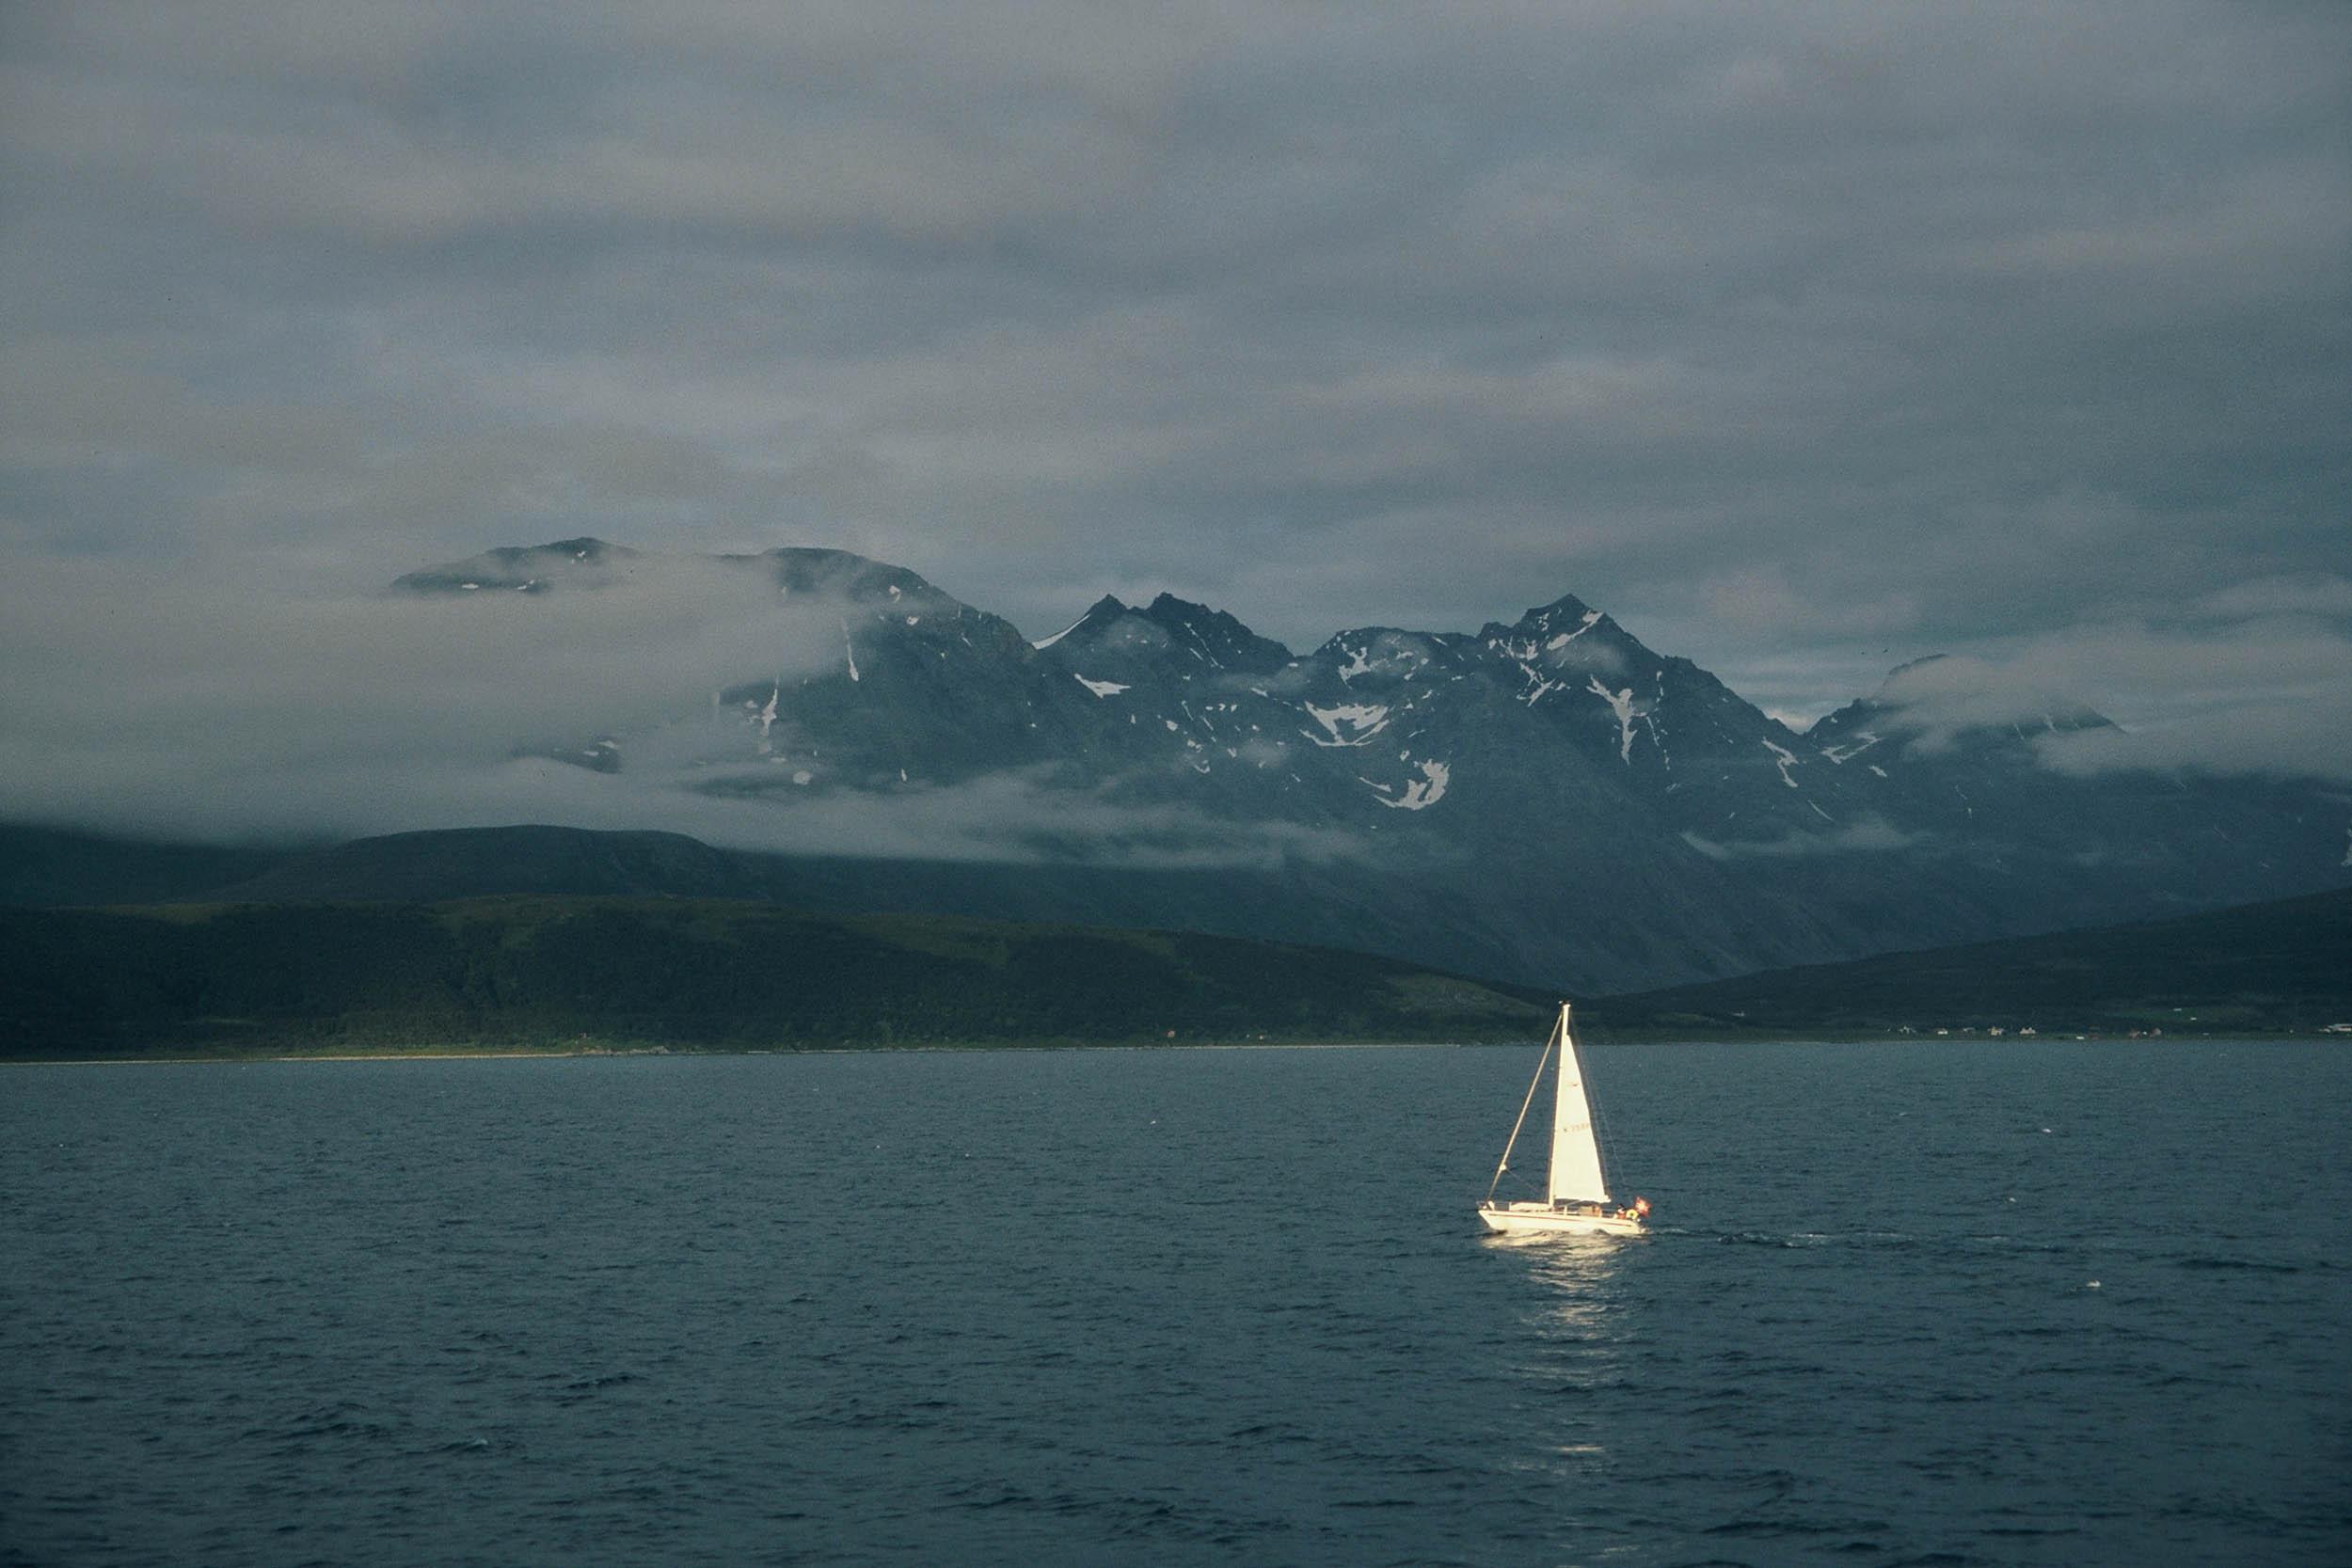 norwegen-boot-im-licht-see_0